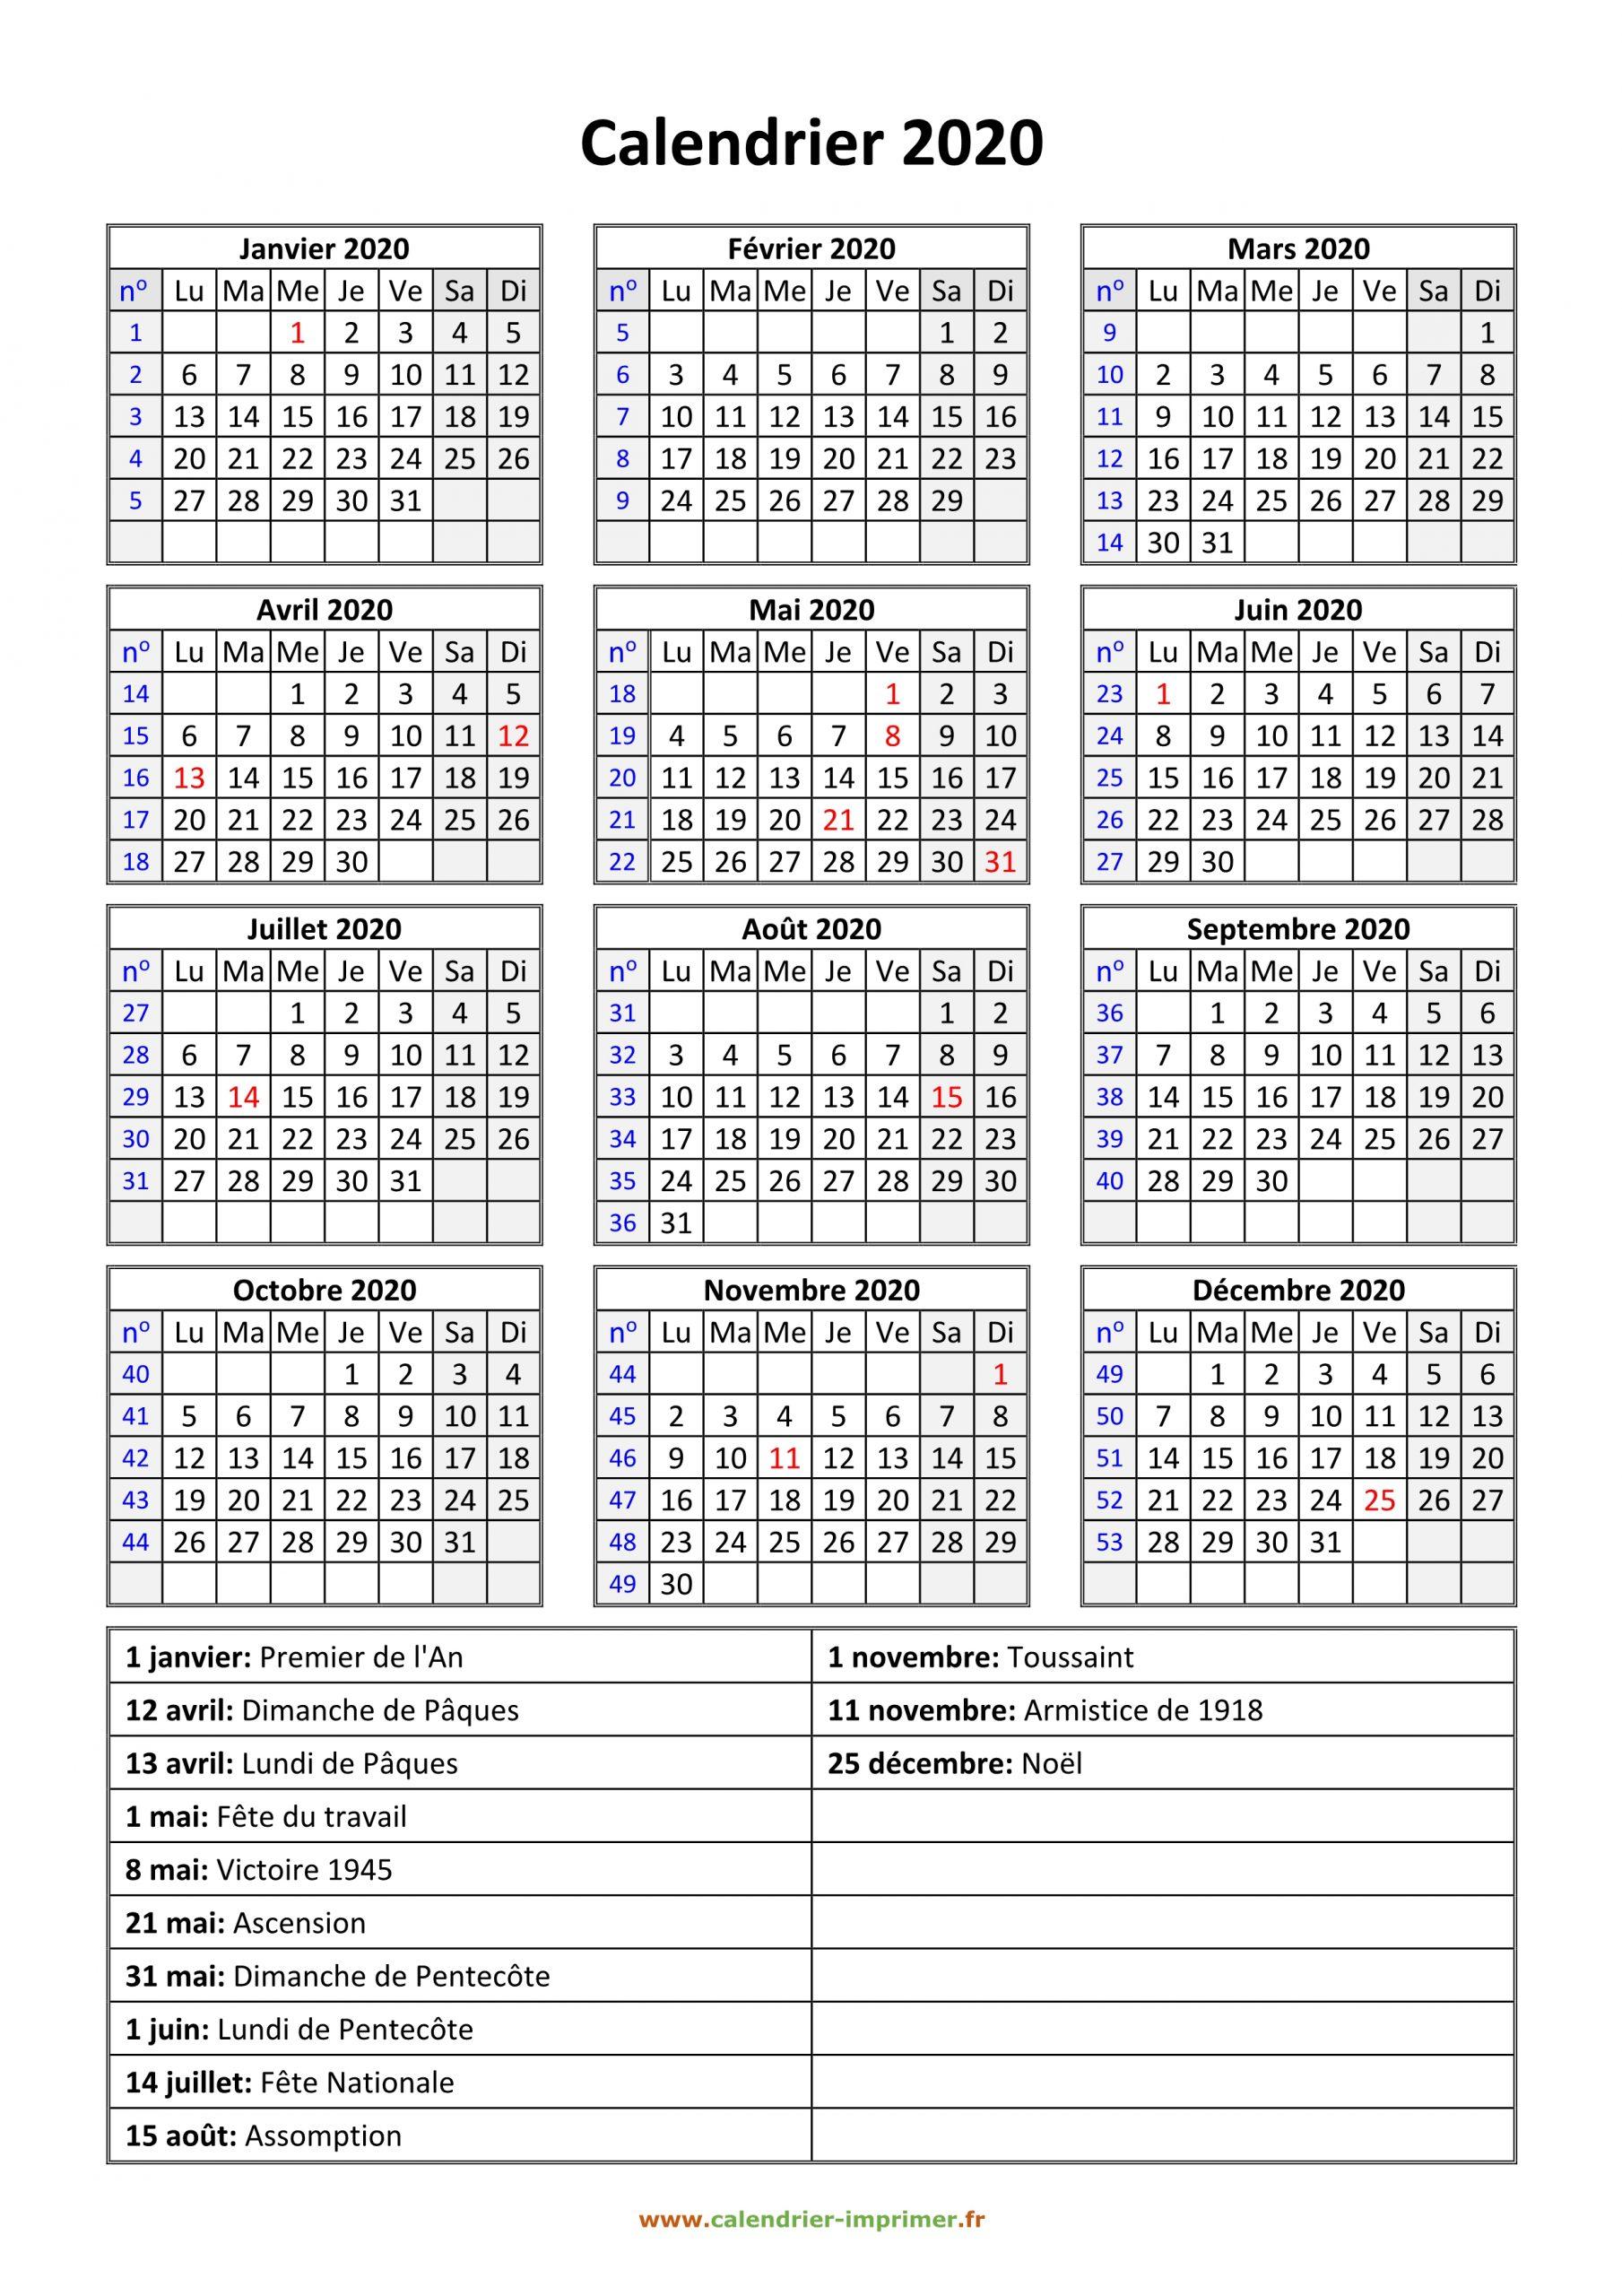 Calendrier 2020 À Imprimer Gratuit serapportantà Calendrier Annuel 2019 À Imprimer Gratuit